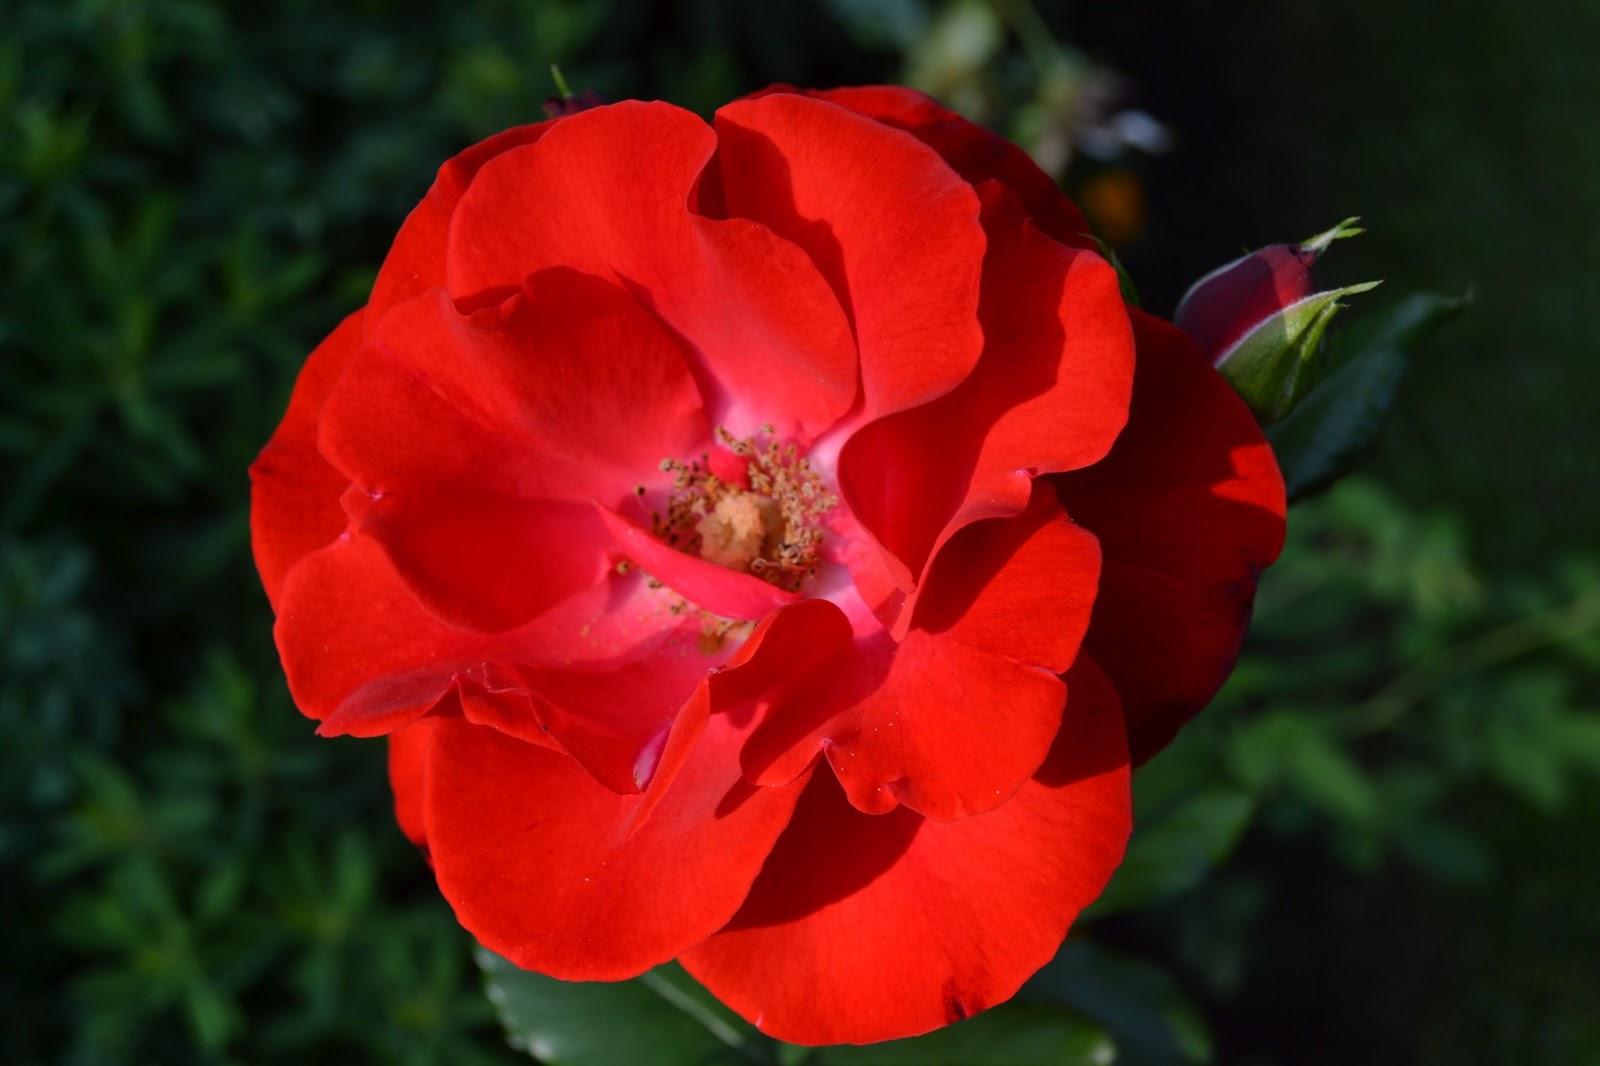 Kukkatykitystä – Flower power